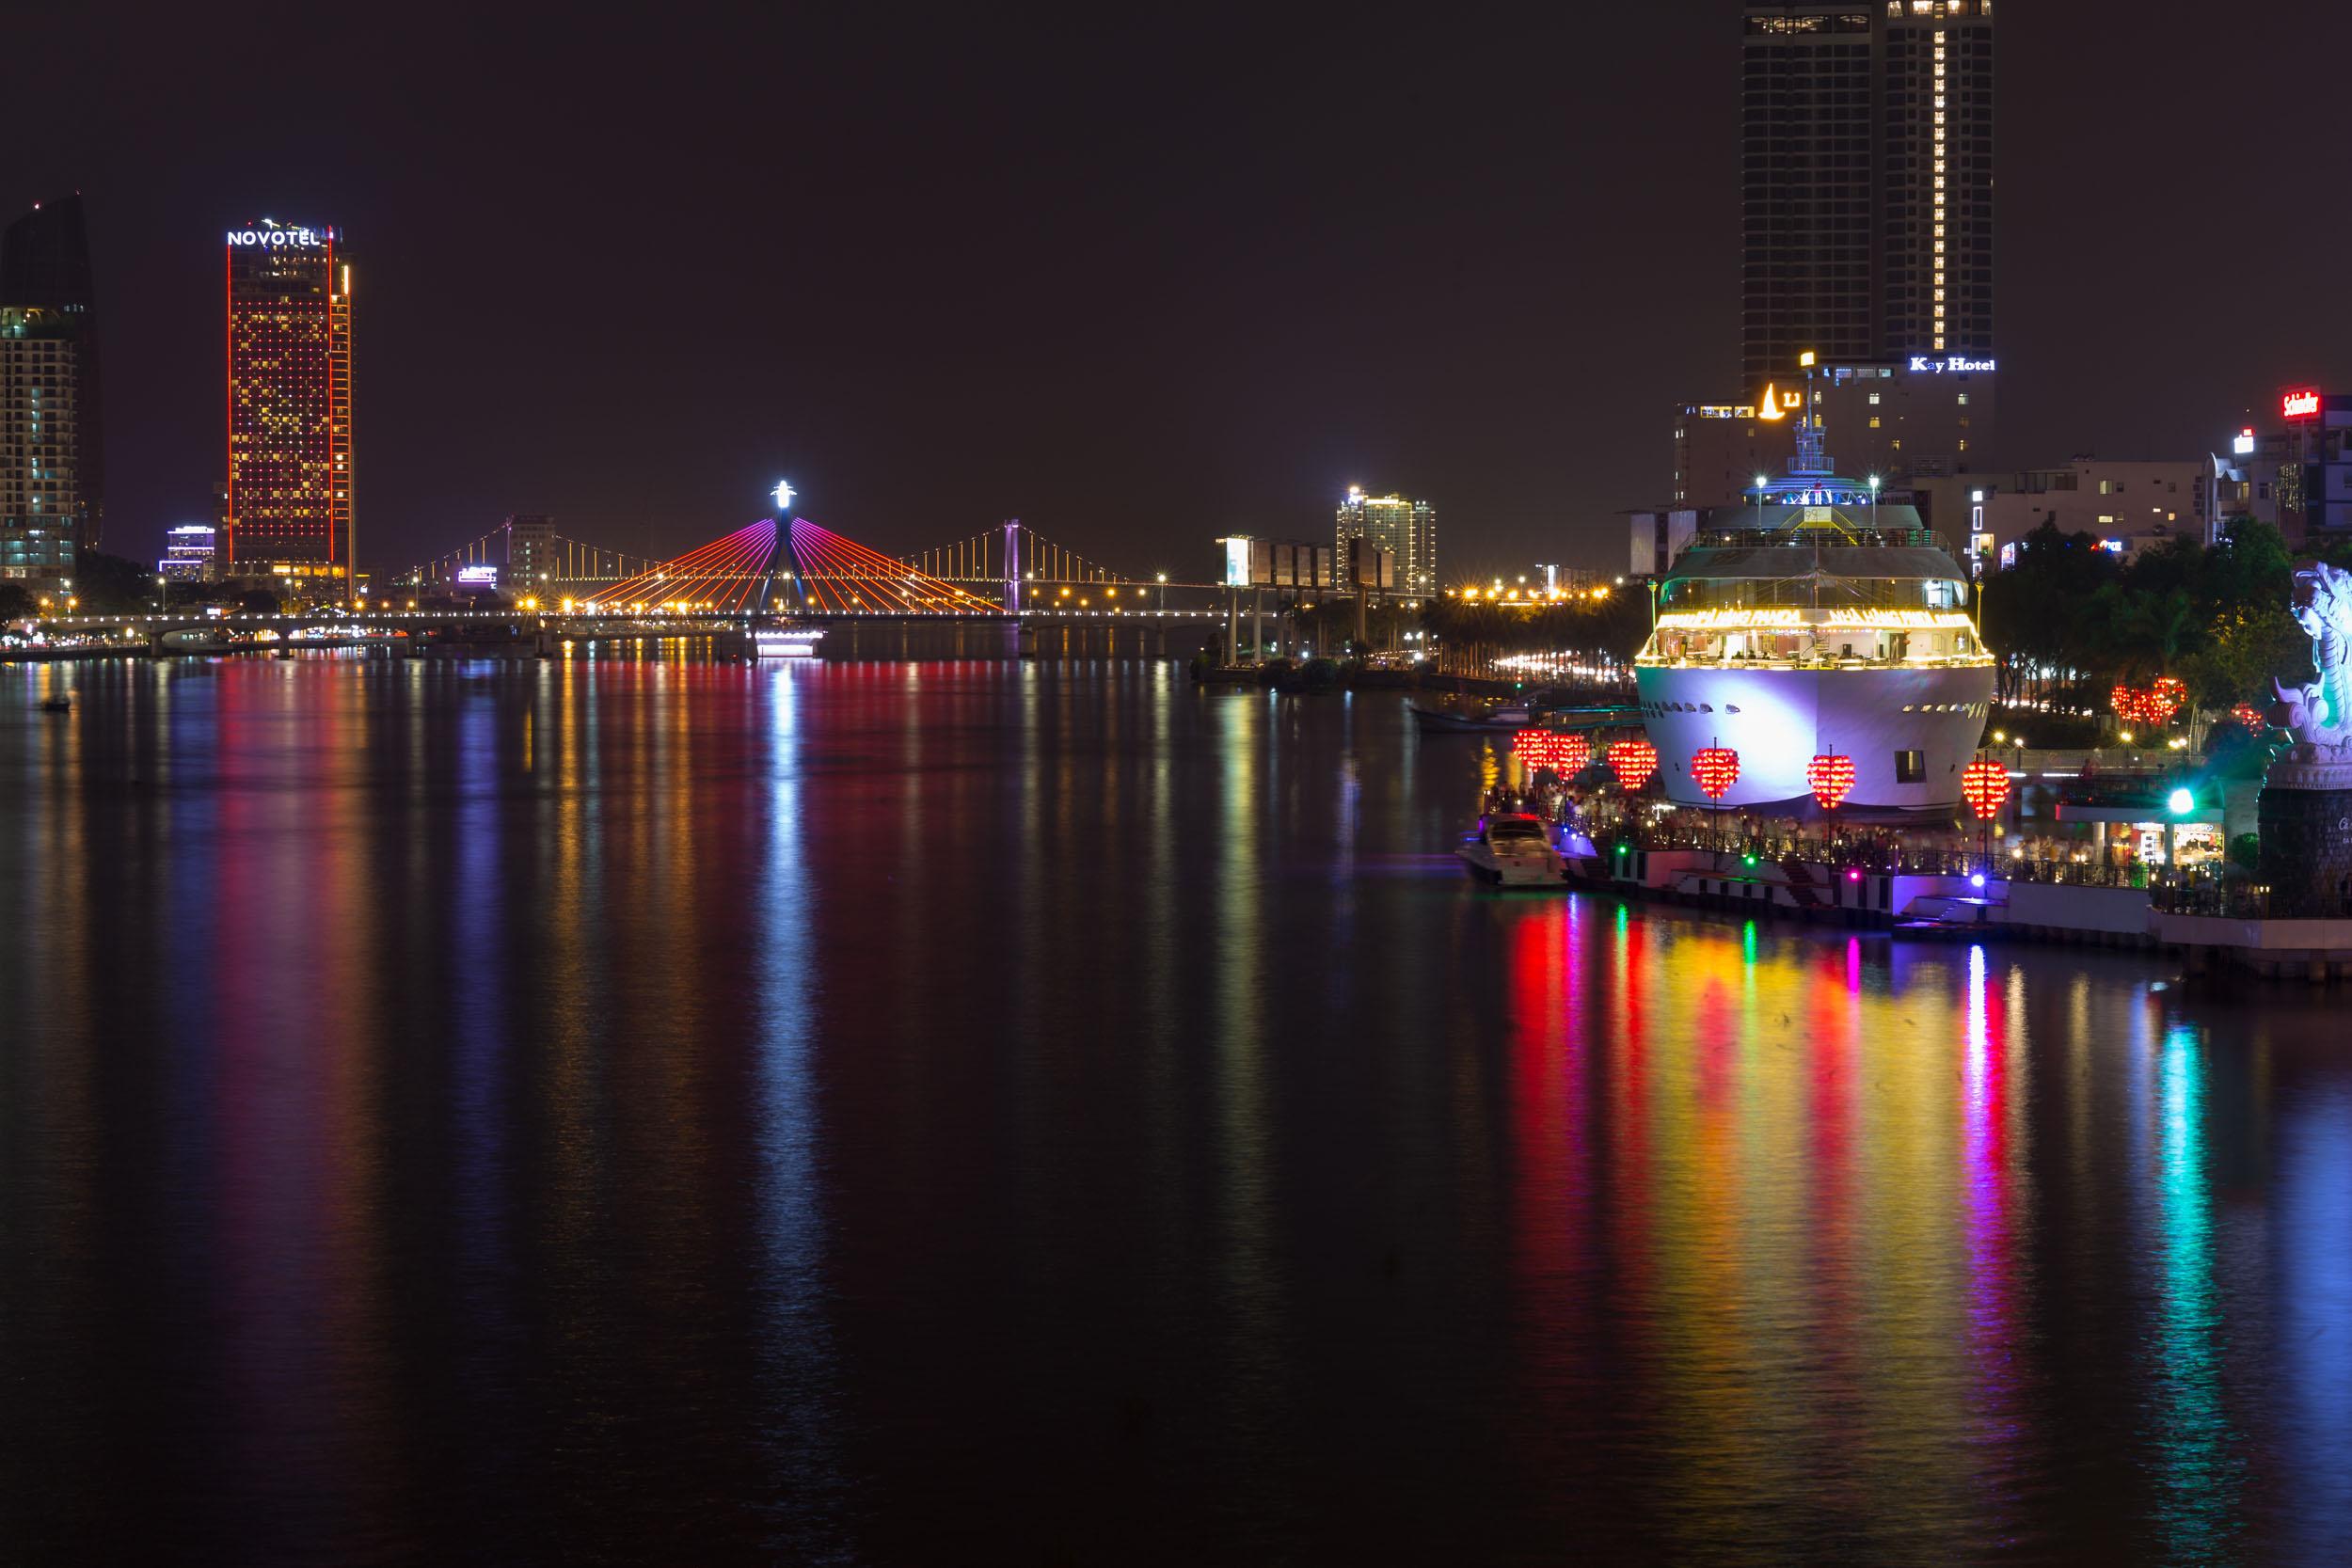 Han River, Da Nang at night.